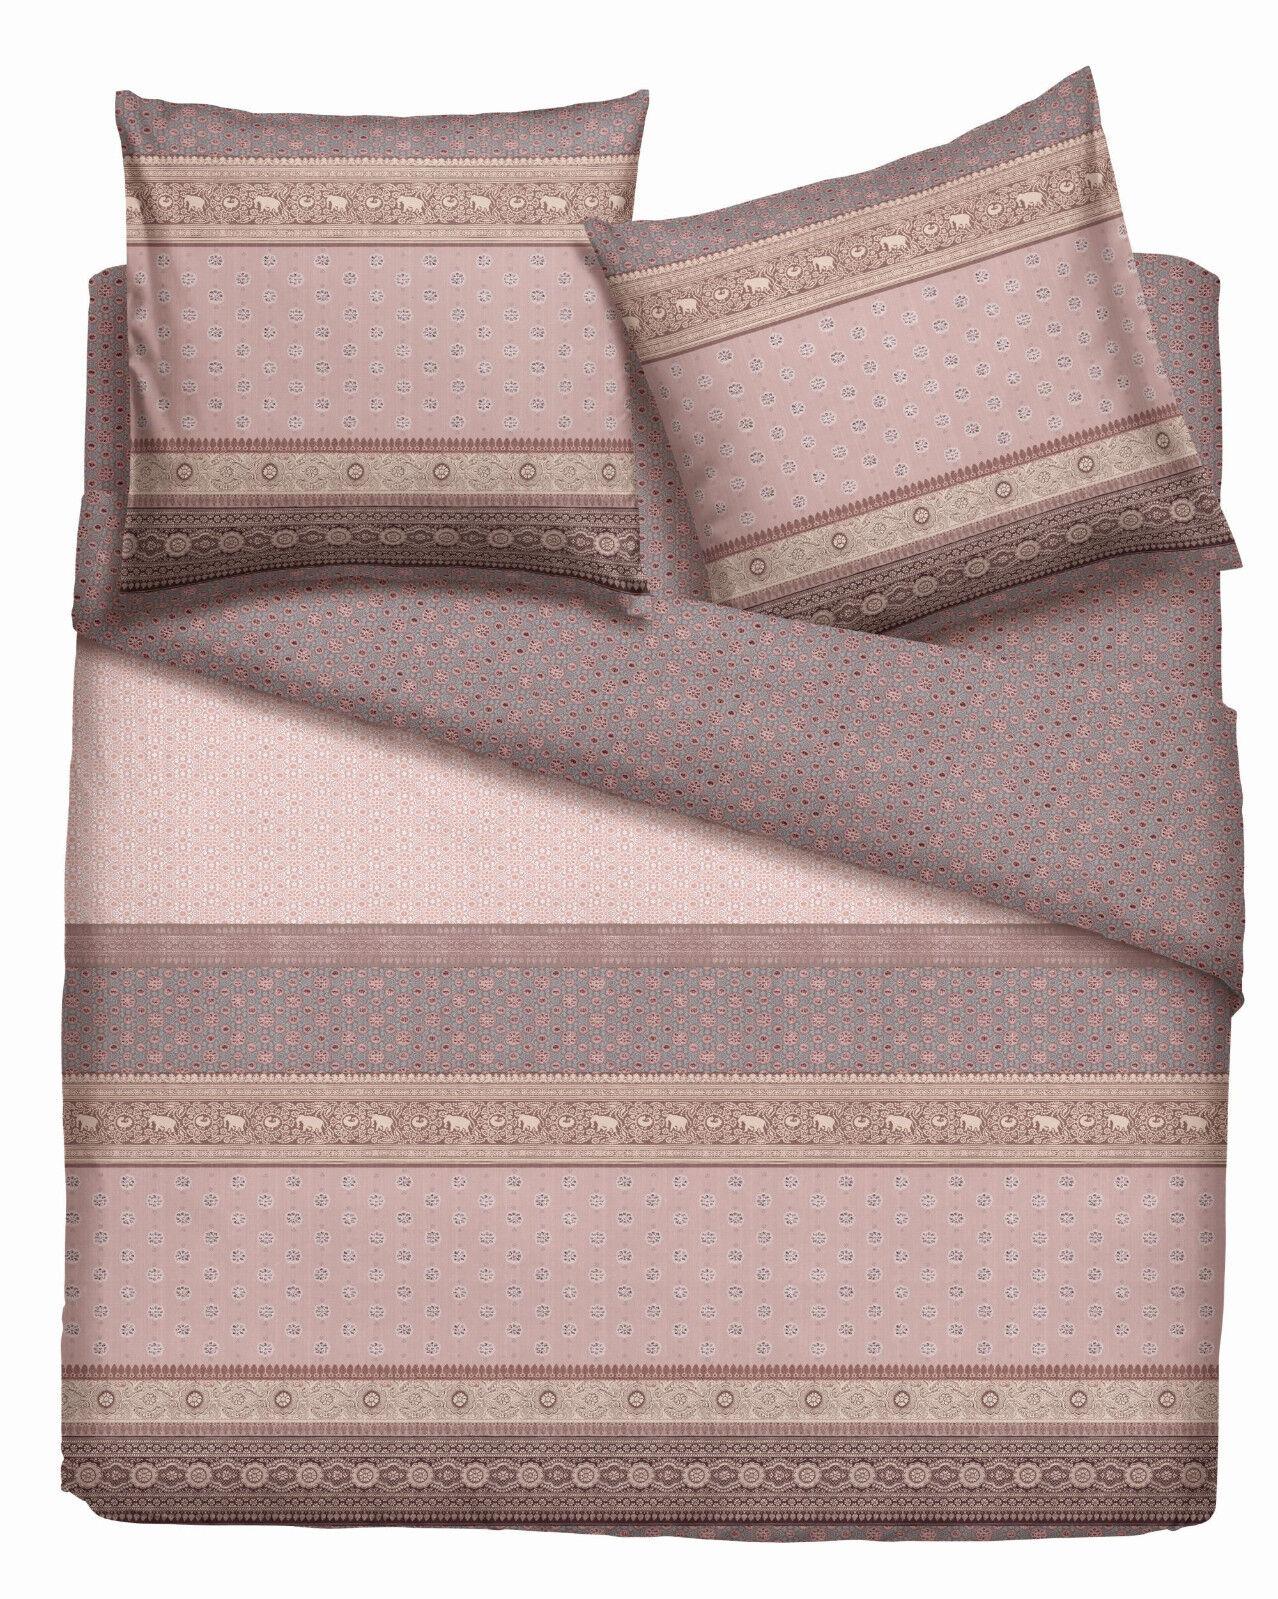 Ropa de cama o almohada cubierta de Bassetti     CAMAIORE v1   Edición limitada 3a6eba